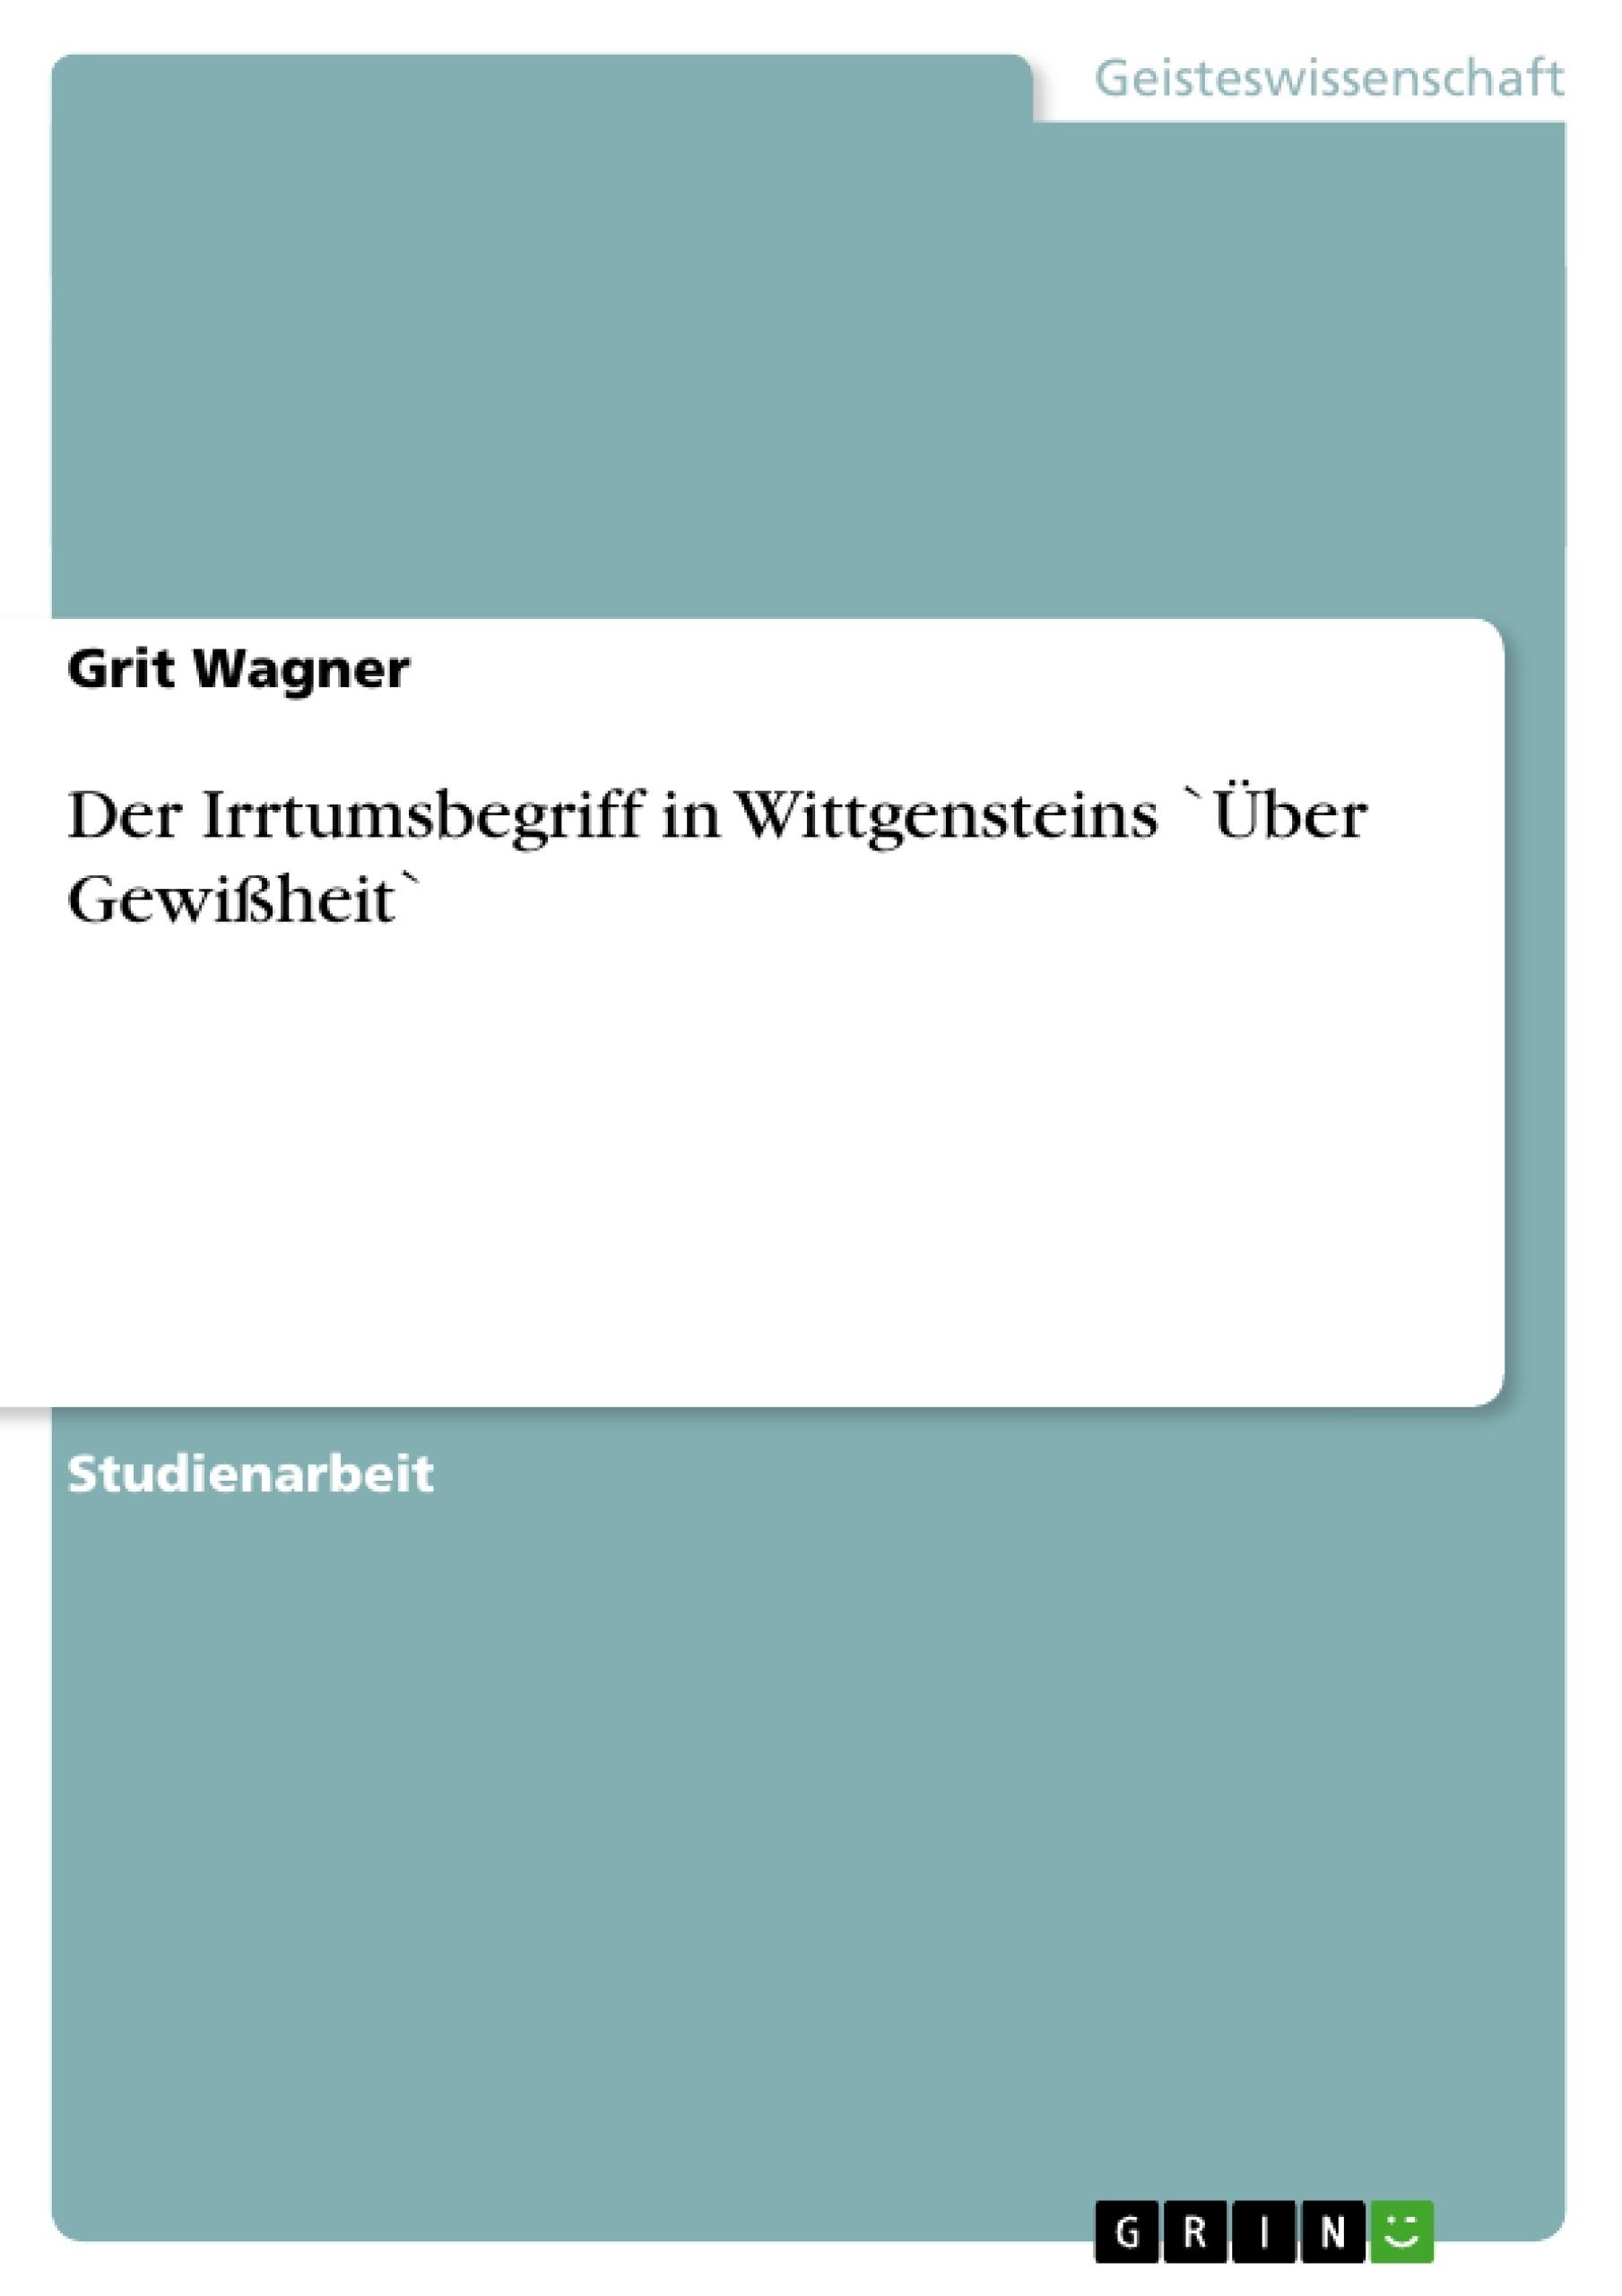 Titel: Der Irrtumsbegriff in Wittgensteins `Über Gewißheit`